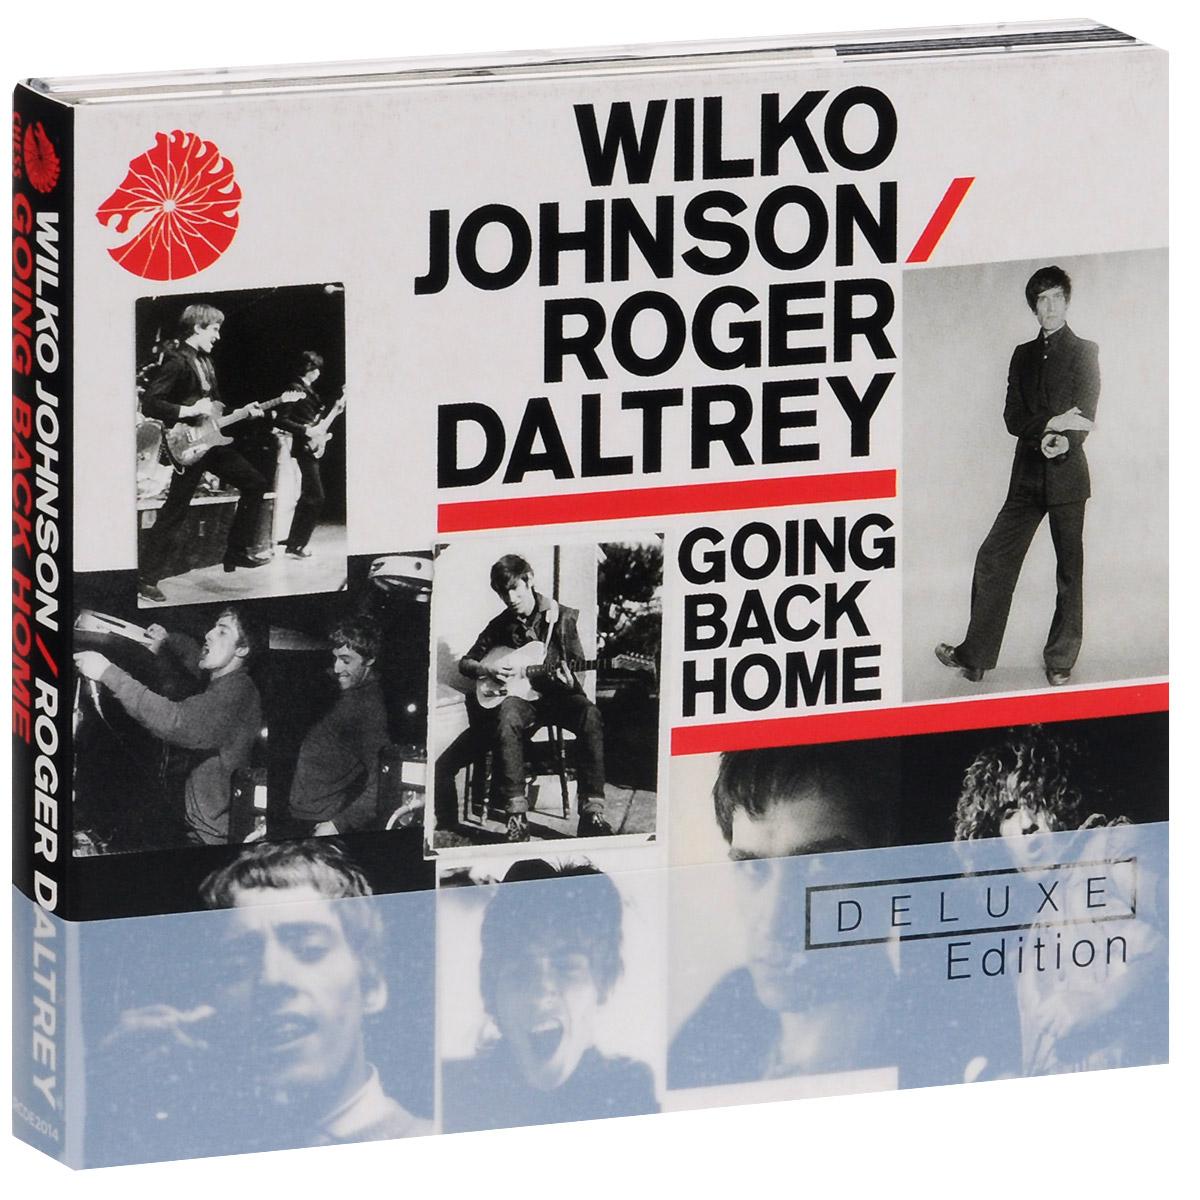 Издание содержит иллюстрированный 24 -страничный буклет с текстами песен на английском языке.